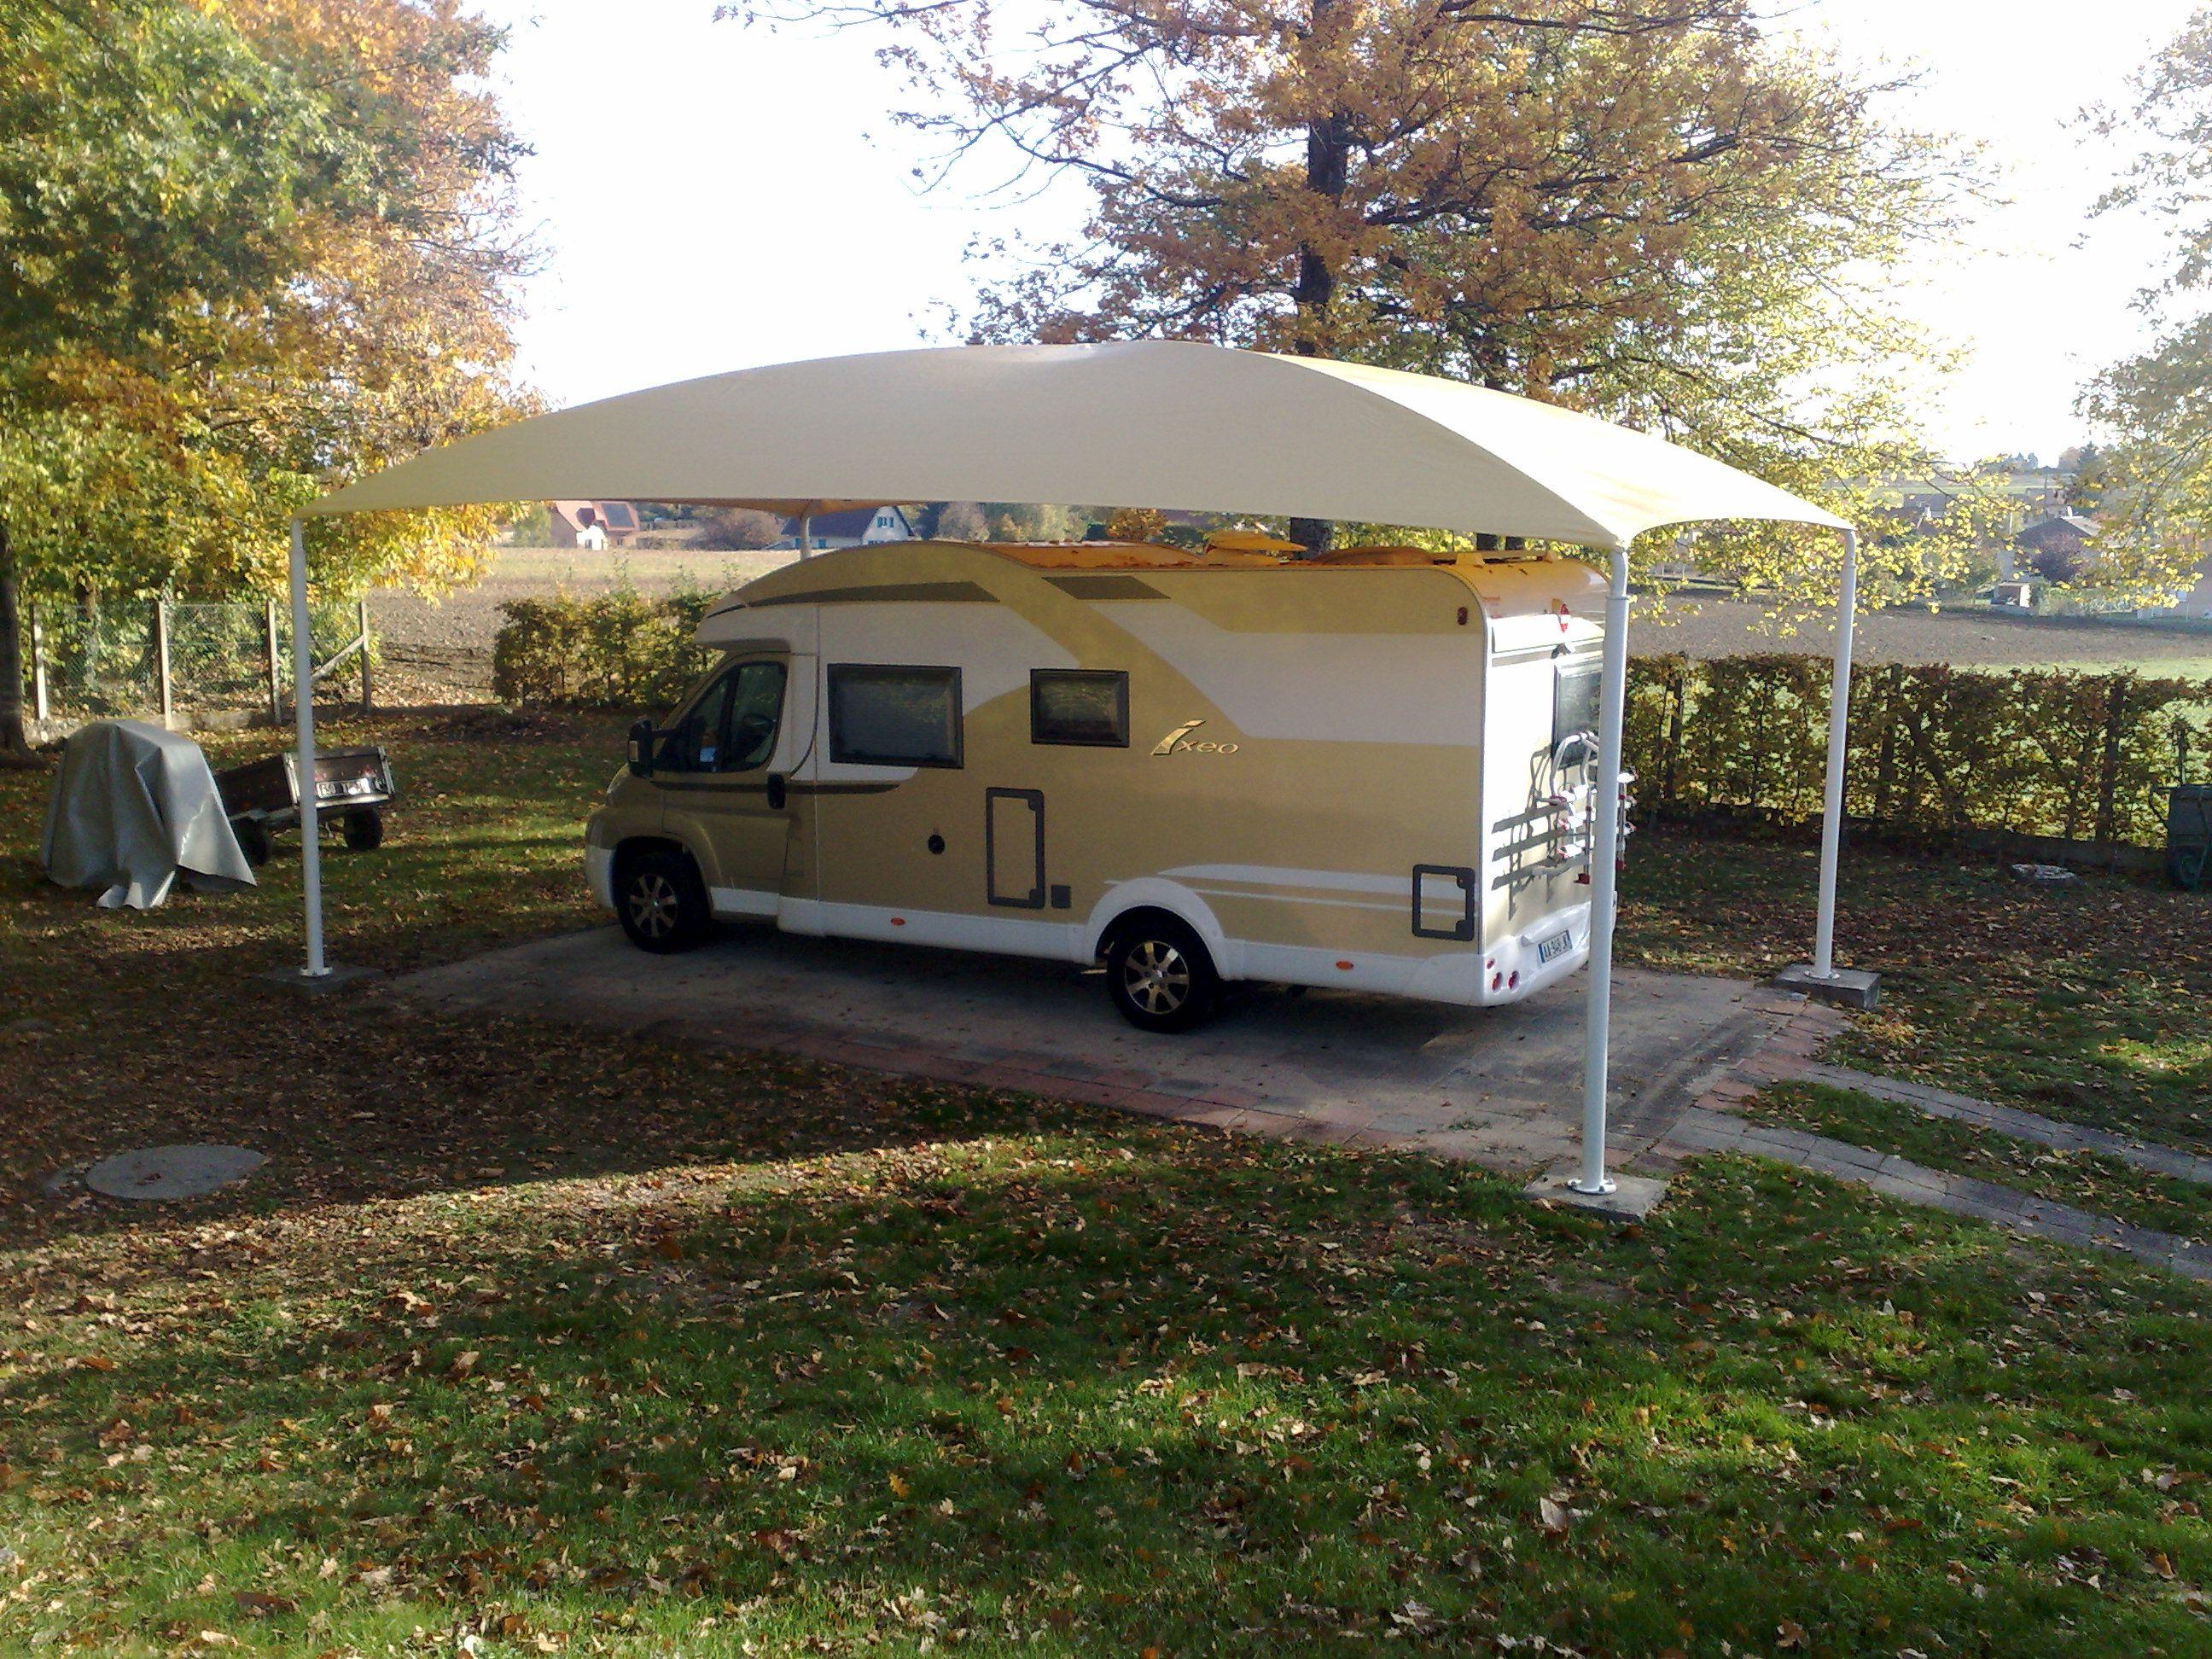 Abri camping car ouvert c3 bis / structure en acier / toiture arrondie